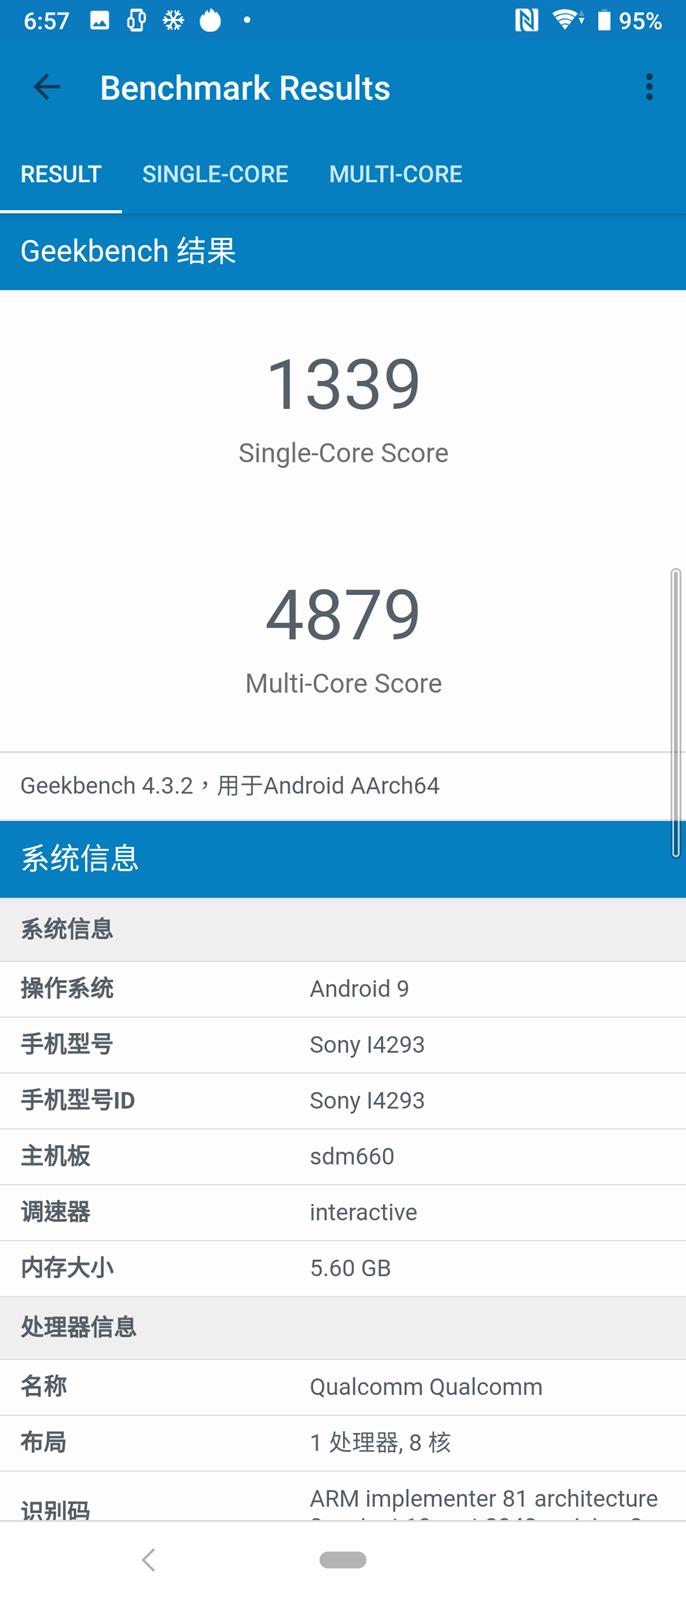 中階 21:9 超大視野新體驗!Sony Xperia 10 Plus 電力性能實測 + 早鳥大禮包開箱分享 @3C 達人廖阿輝